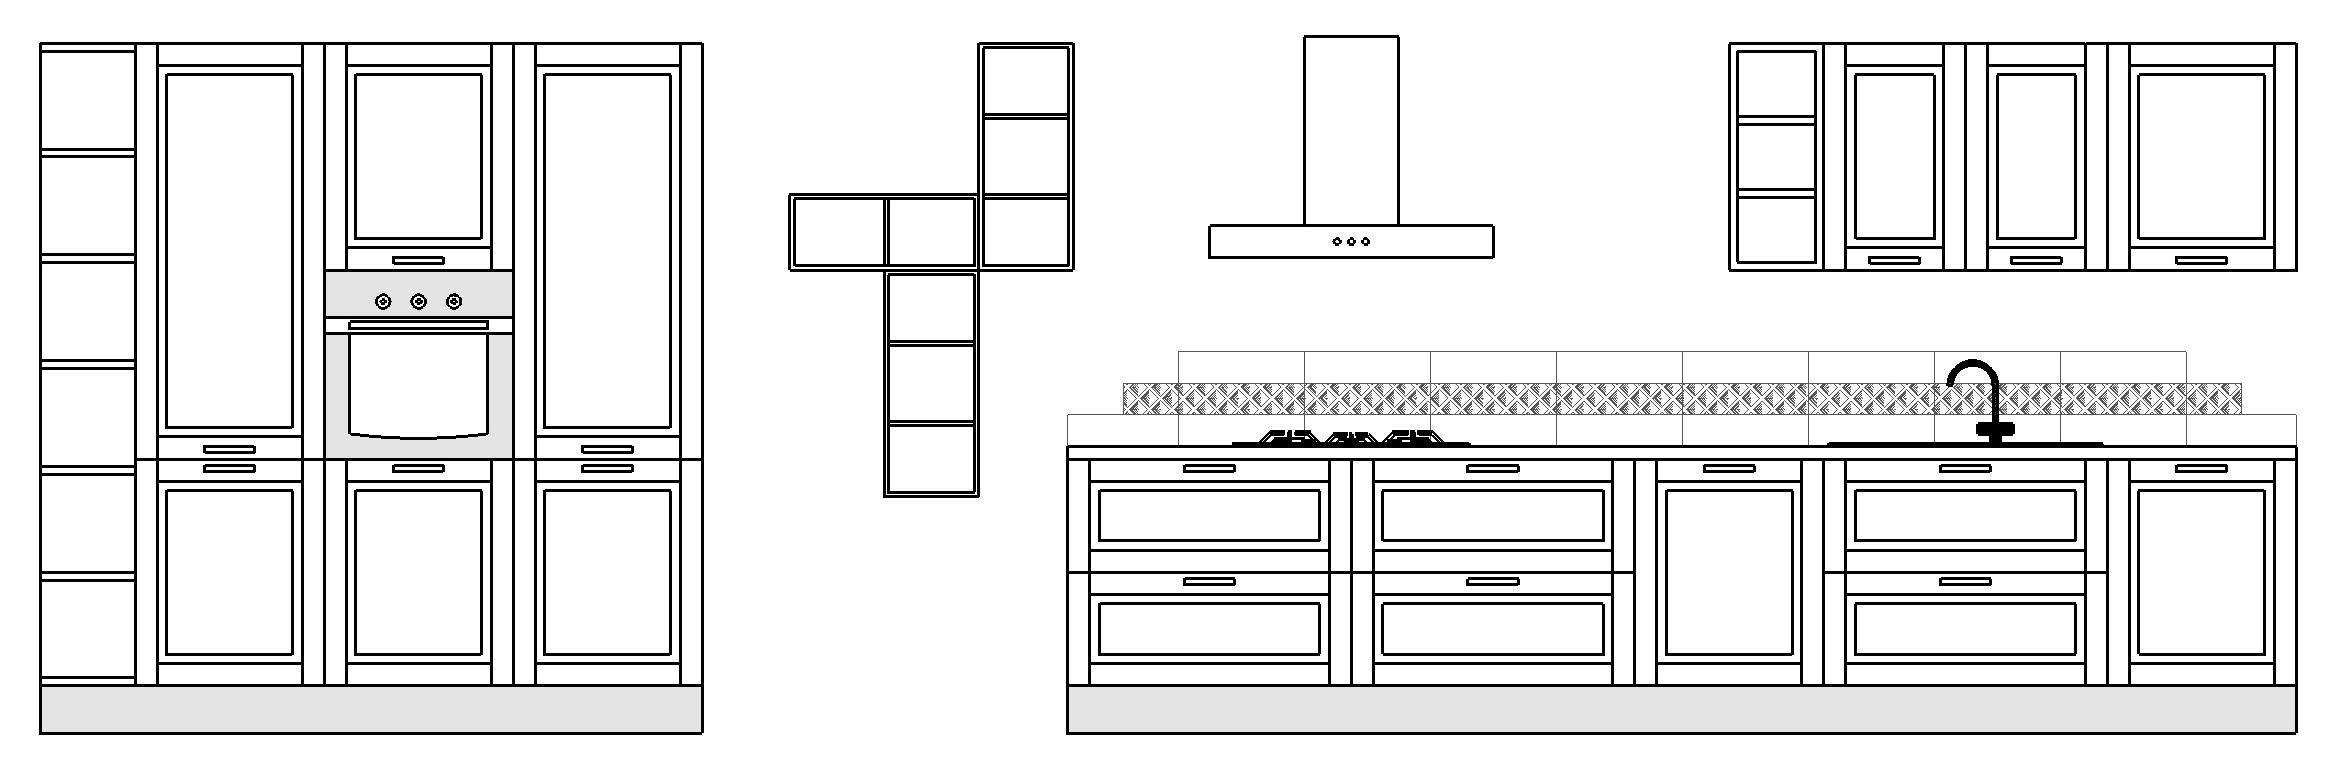 Dimensioni Mobili Cucina Componibile Cucine Componibili